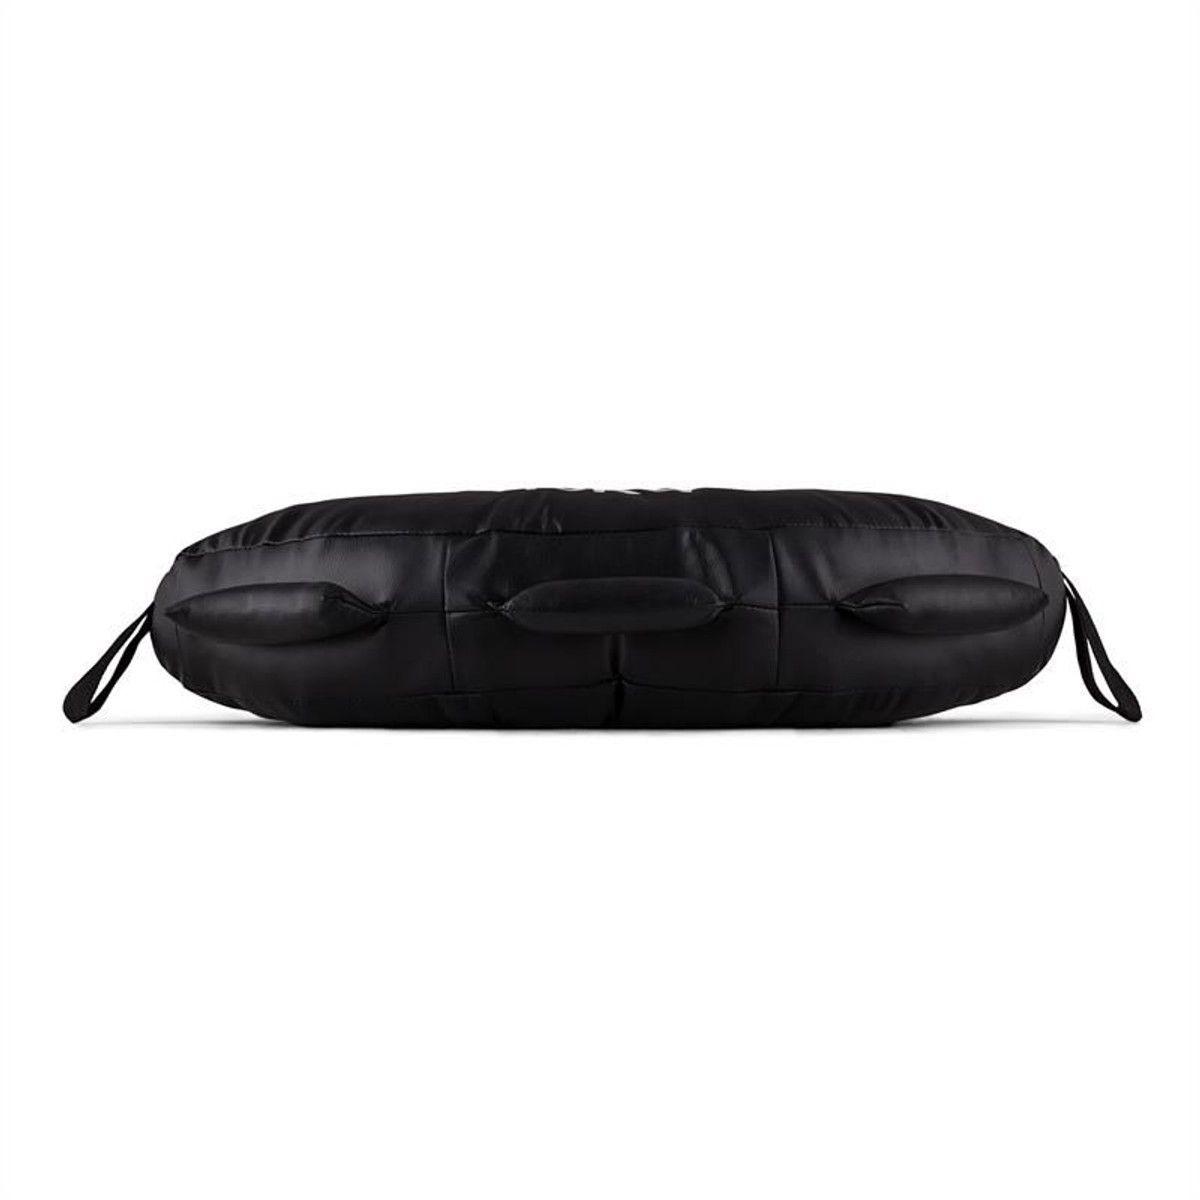 Bulgarian Bag Bull Boost De Xxl Sac De Sable 17 Kg Cuir Noir Taille Taille Unique Products Endurance Musculaire Condition Physique Et Cuir